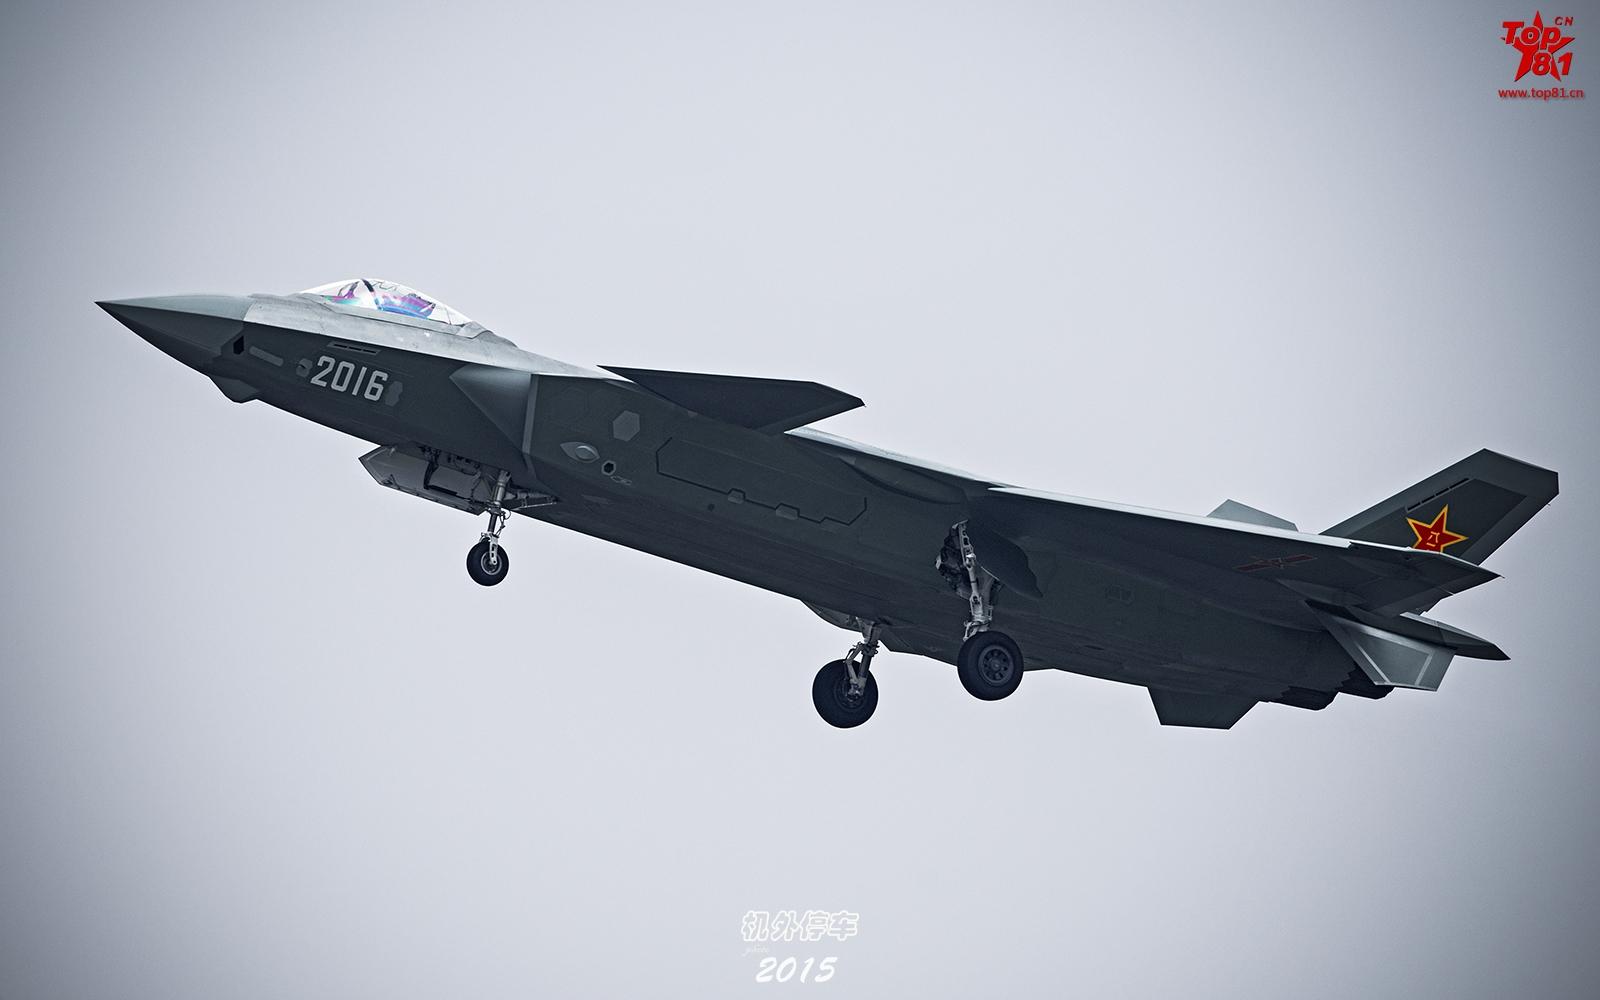 2016号歼-20战斗机 9月12日,根据社交媒体和军事论坛公布的多组图片来看,倍受期待的国产隐形战斗机歼-20的最新一架2016号原型机首次公开露面,并且已经开始在成都飞机制造厂开始地面滑行测试,与此前歼-20的每架原型机之间一直有小幅的改动相比,最新出现的2016号原型机除了进气道的鼓包处涂装与早前的原型机有所不同以及腹鳍似乎也进行了隐身改进之外,其他地方在外观上和2015号原型机完全一致。 结合此前媒体报道的相关时间点来看,2015号与2016号原型机的出现时间相隔将近一年,而从两者之间并无较大气